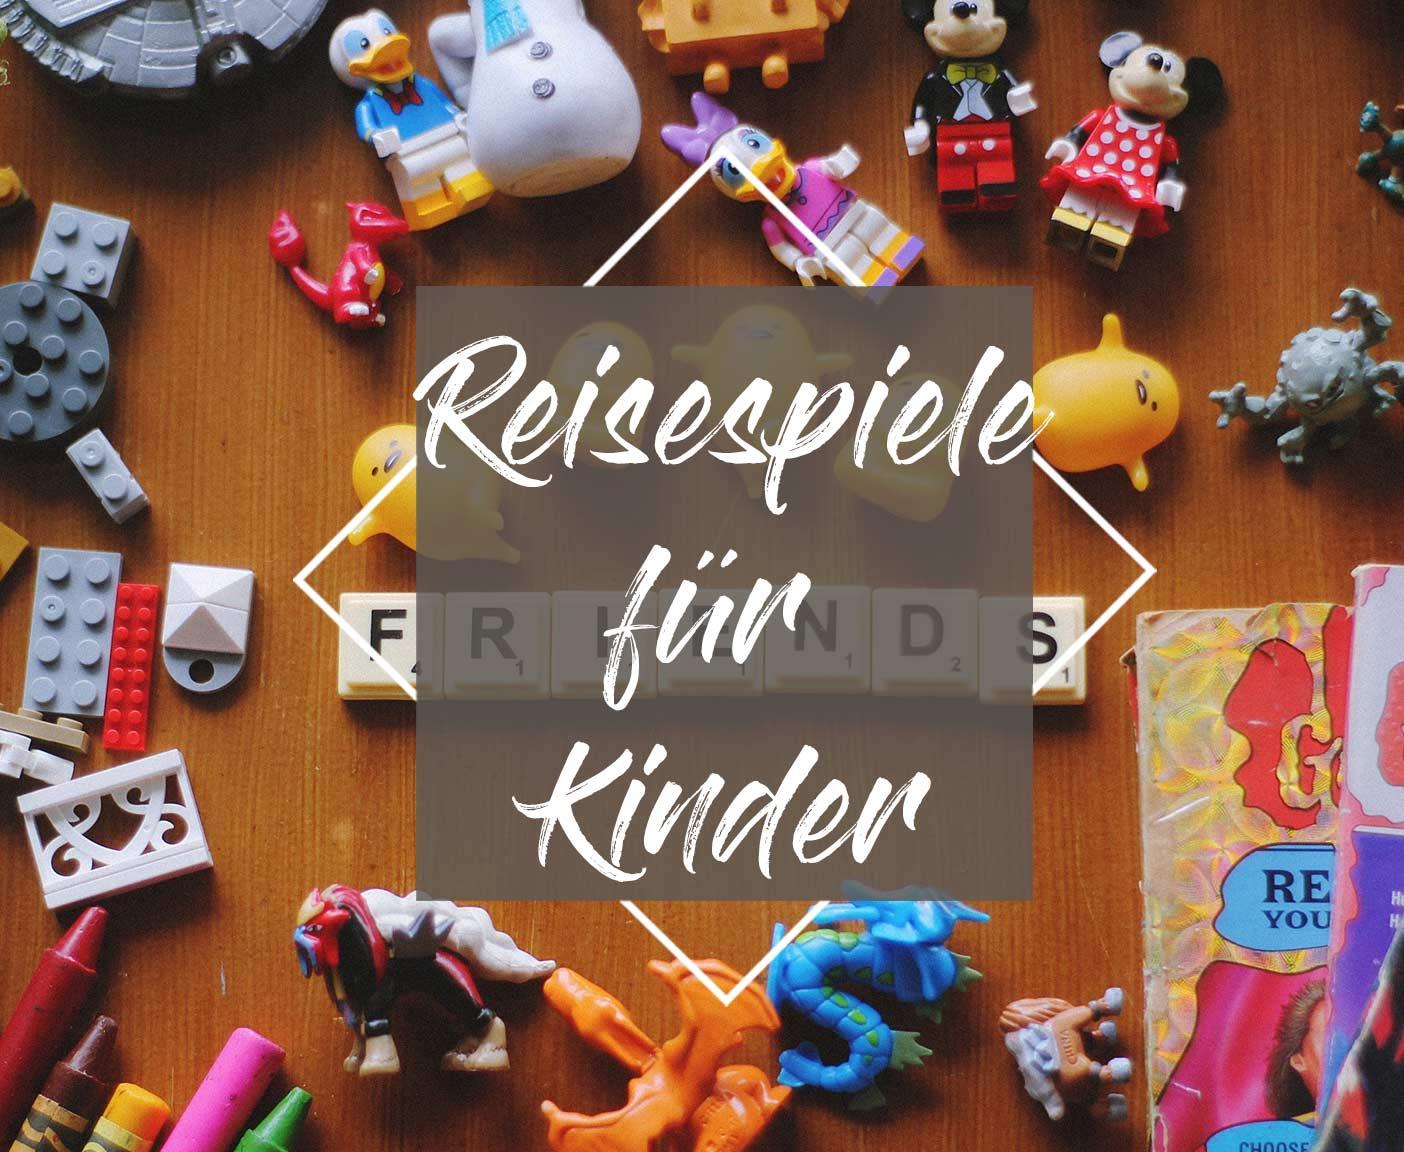 Spiele-Wohnmobil-reisespiele-kinder-erwachsene-gewinnspiel-app